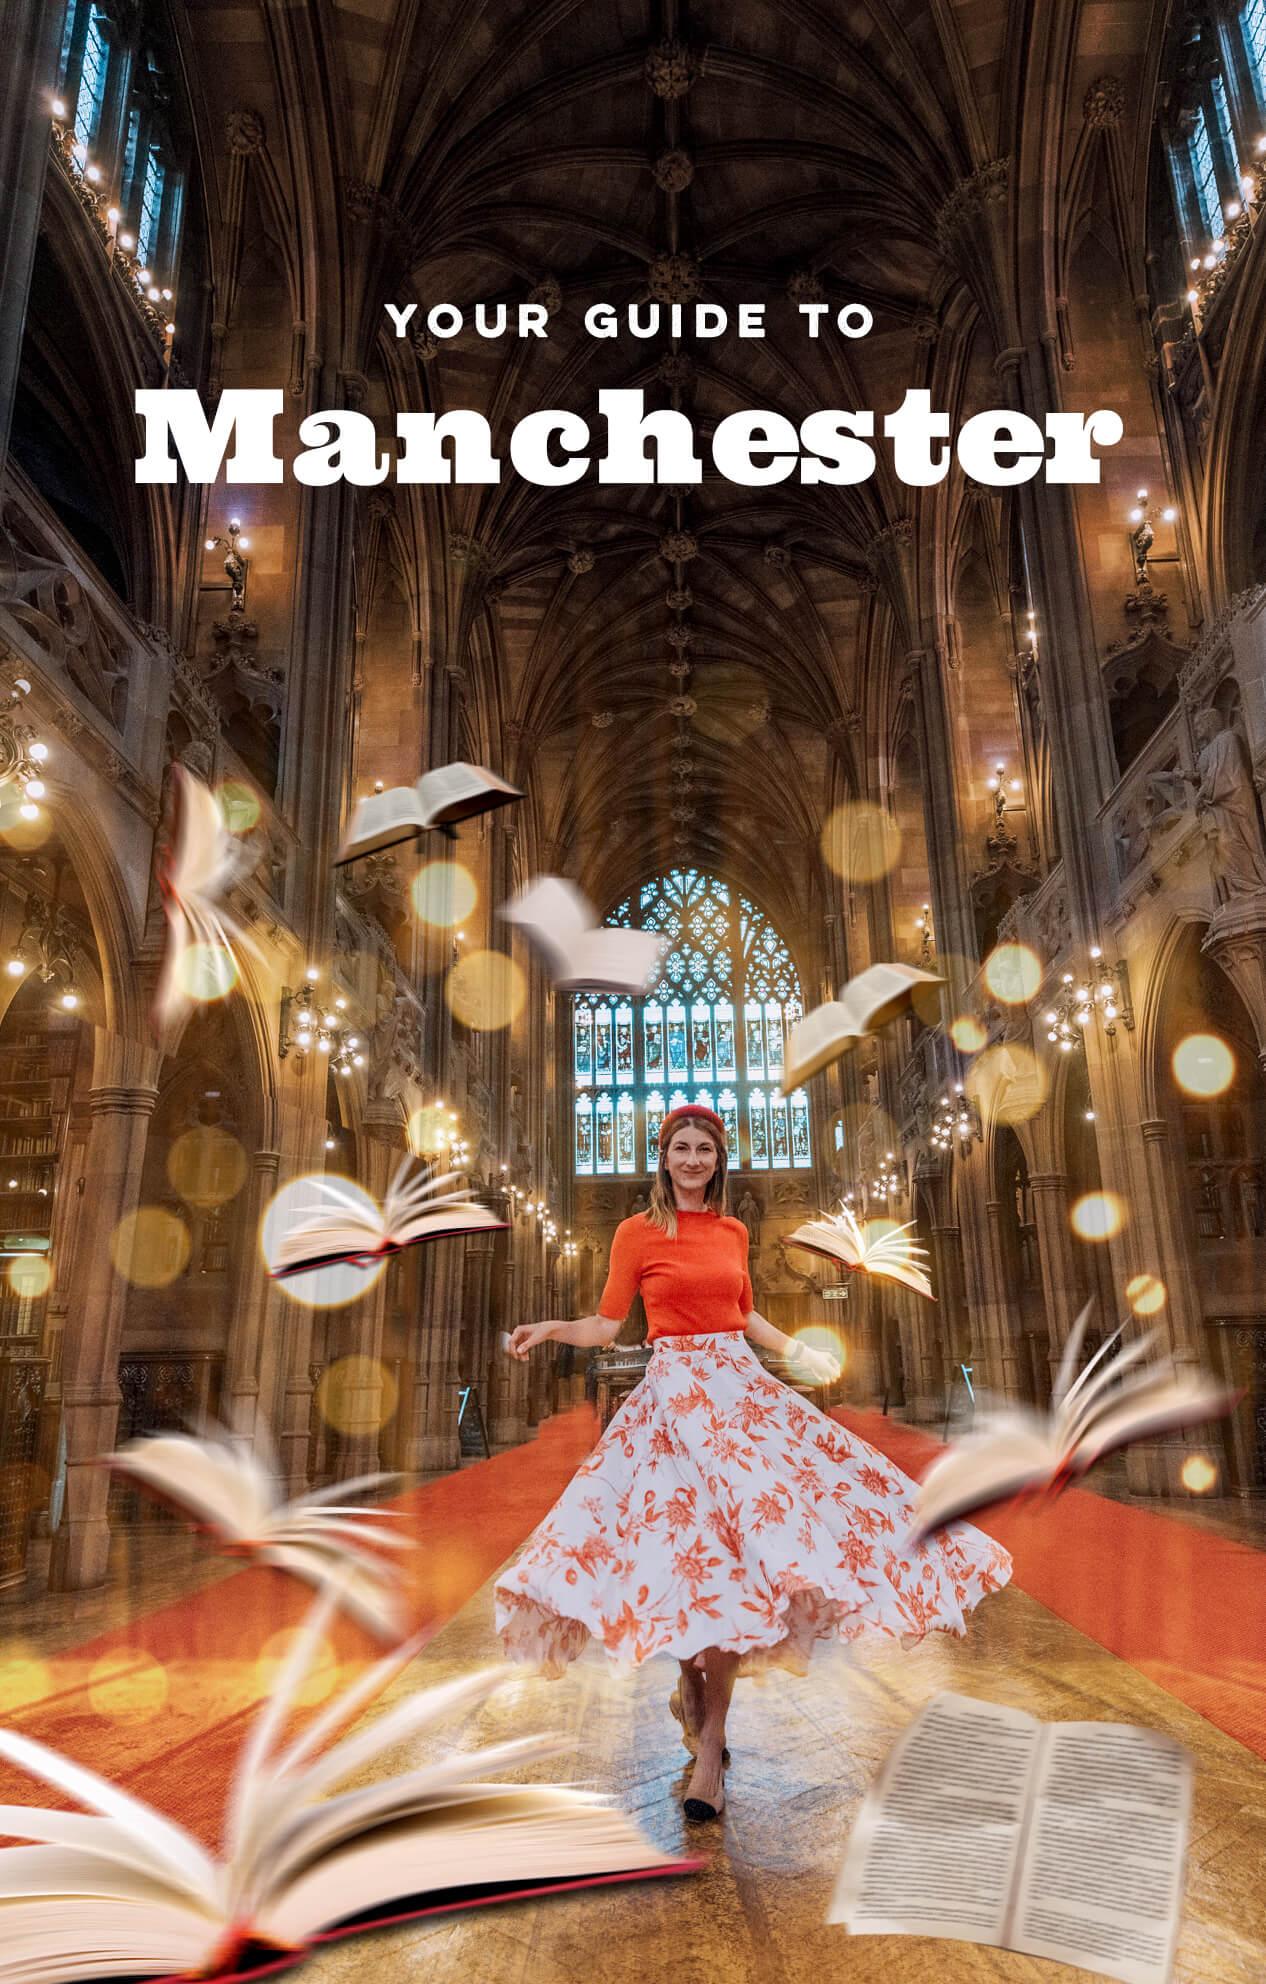 ManchesterCityGuidee.jpg